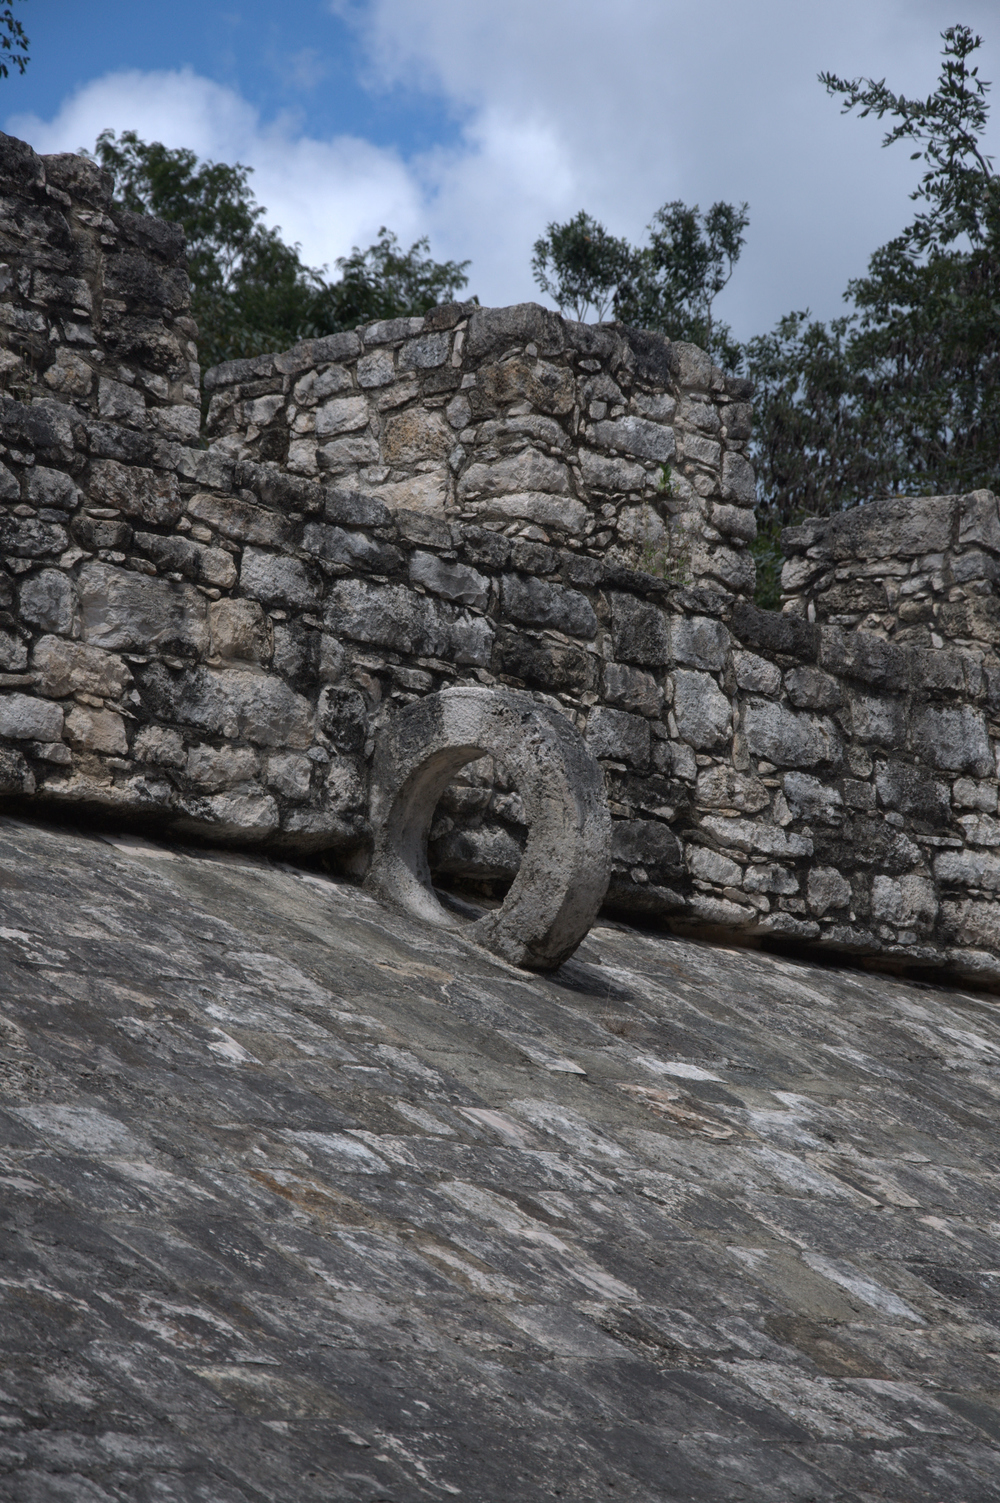 Game Hoop, Coba Maya Ruins, Mexico